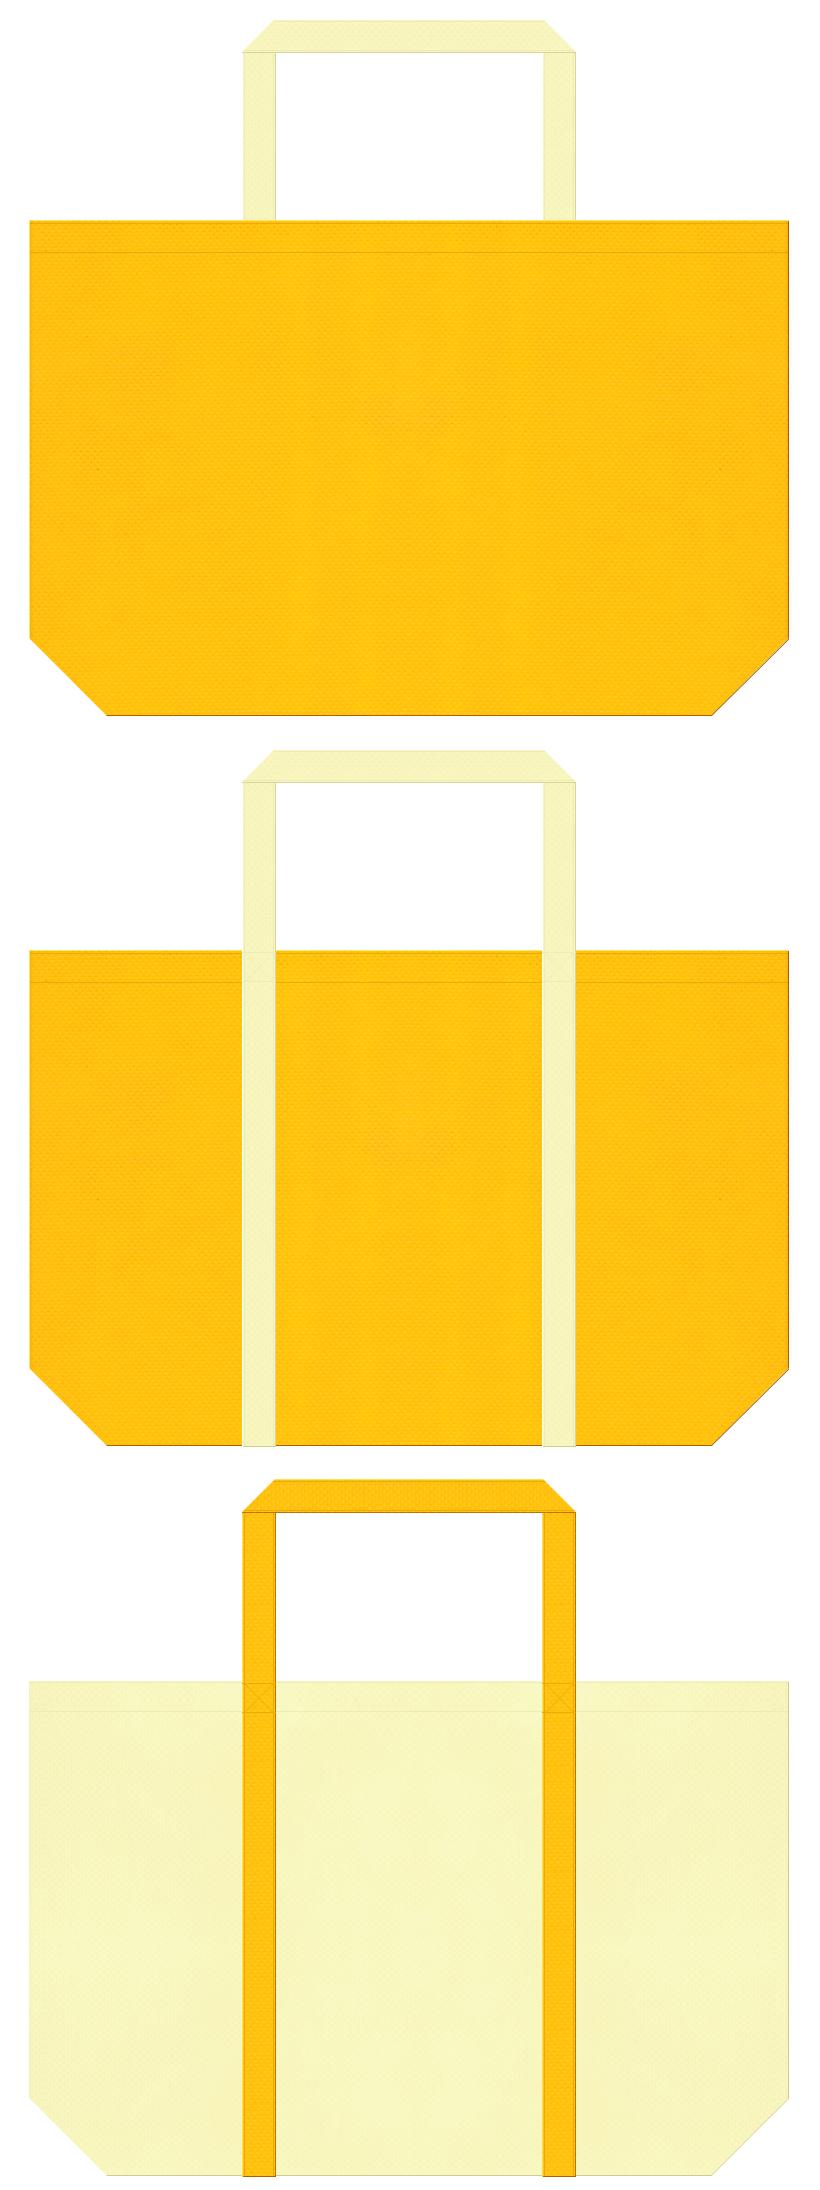 黄色と薄黄色の不織布バッグデザイン。バナナ風の配色です。